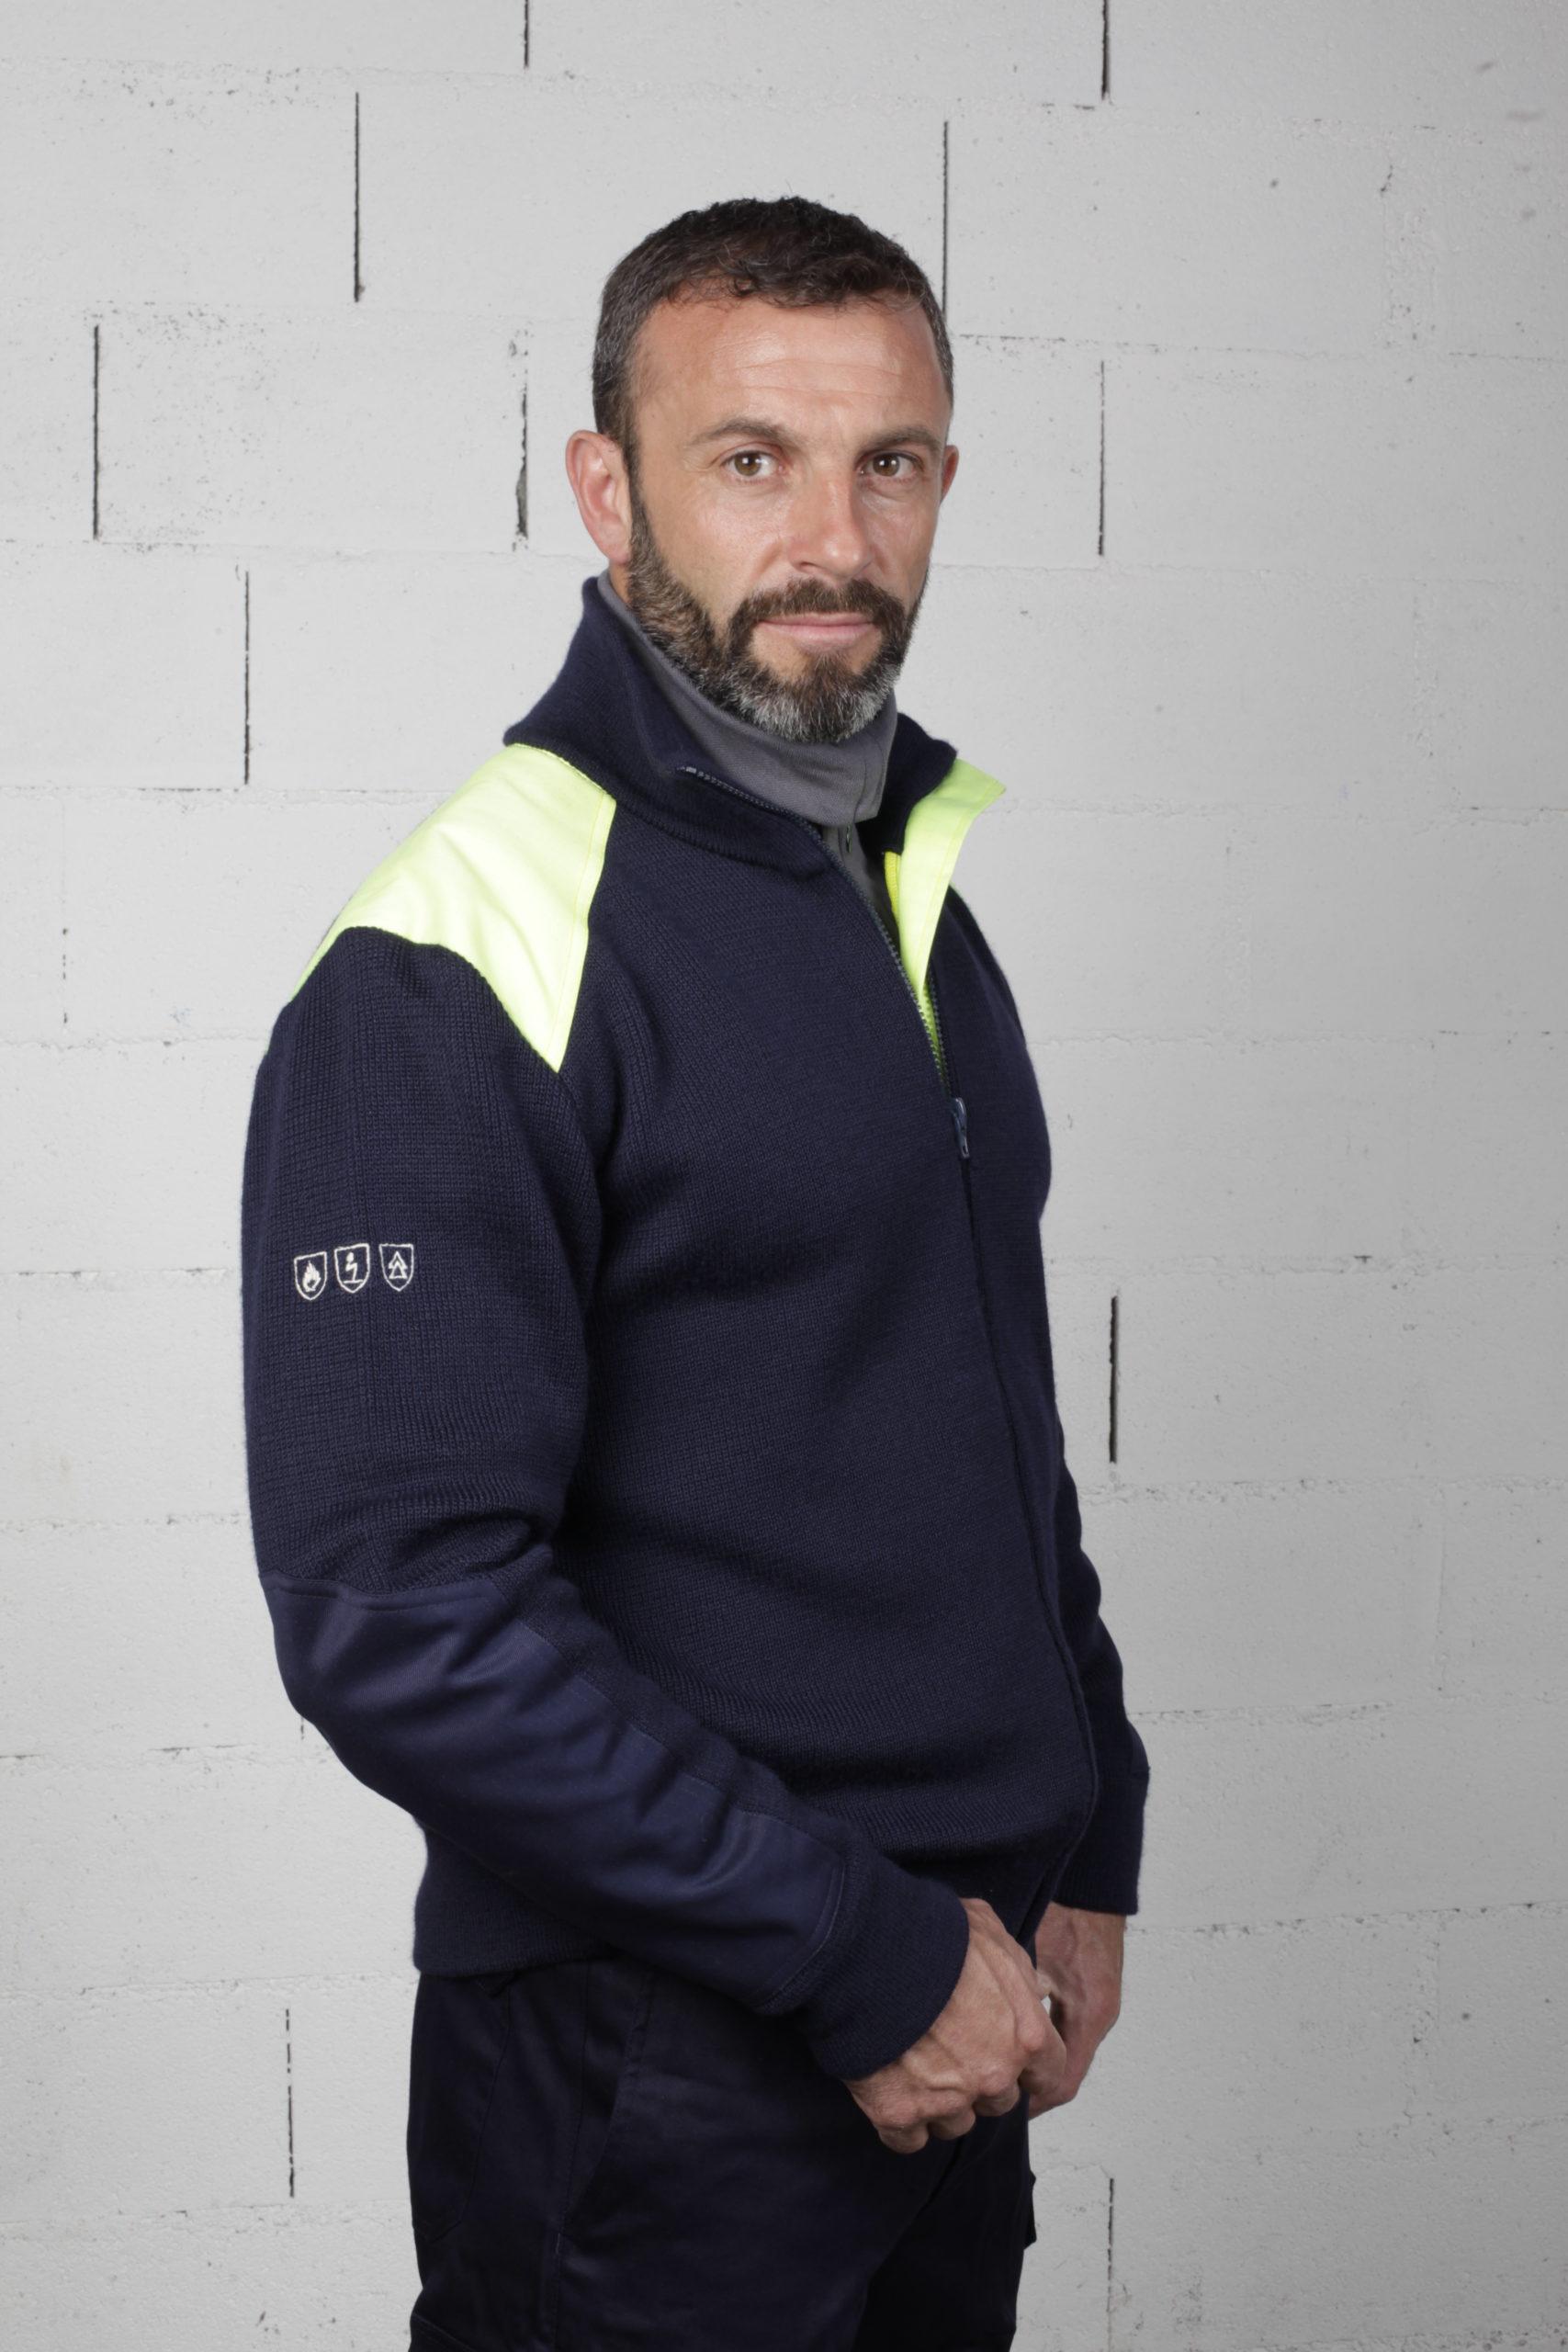 pictogramme EPI pour pulls et vêtements de sécurité et protection individuelle